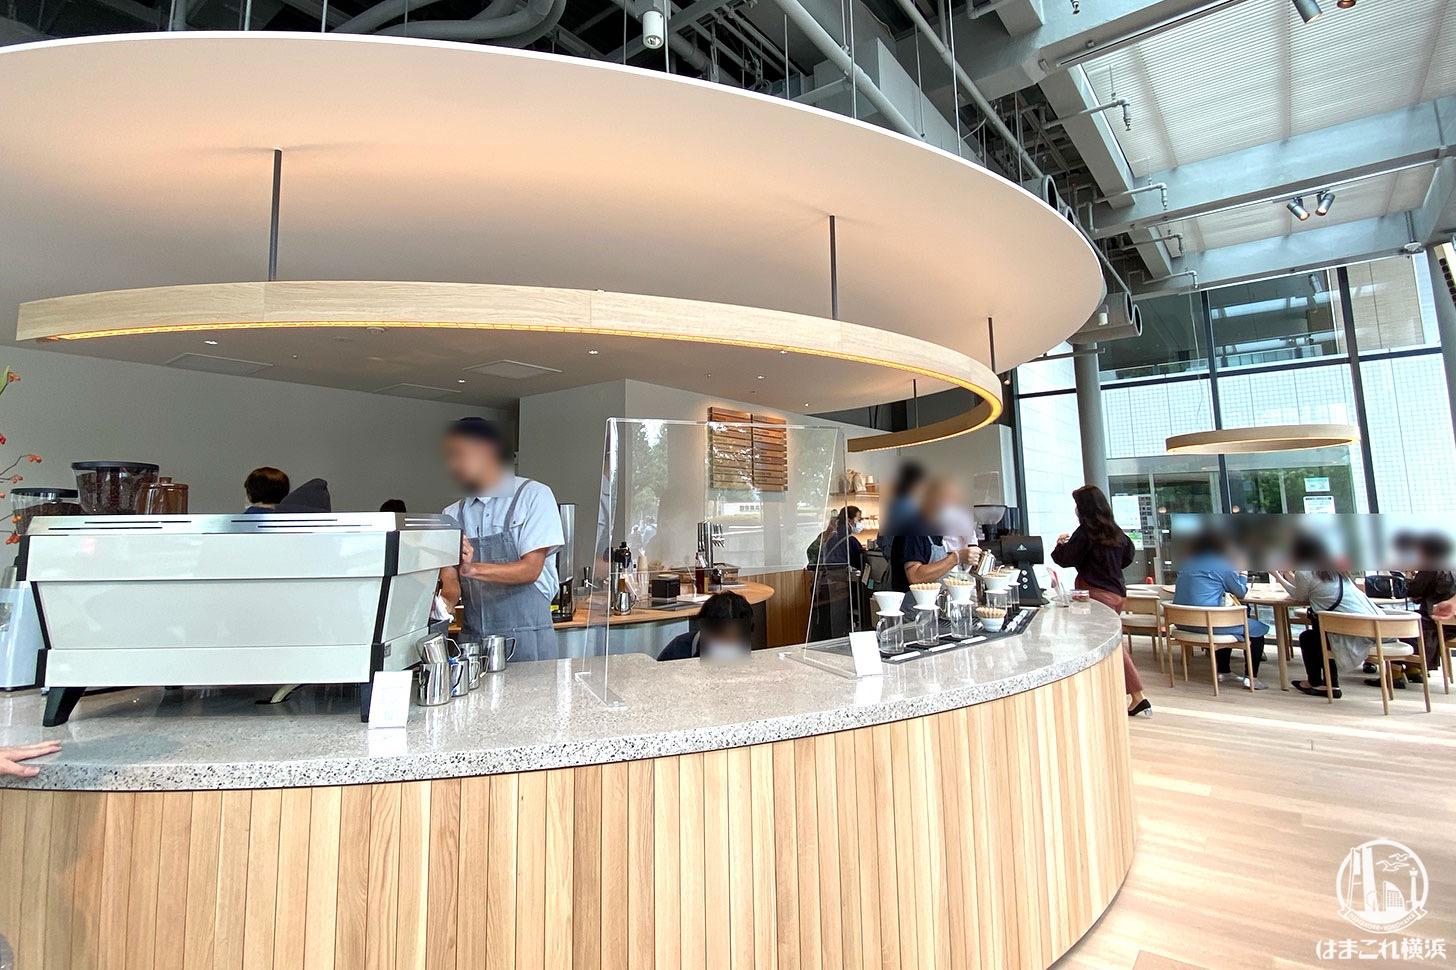 ブルーボトルコーヒーみなとみらいカフェ オープンキッチン